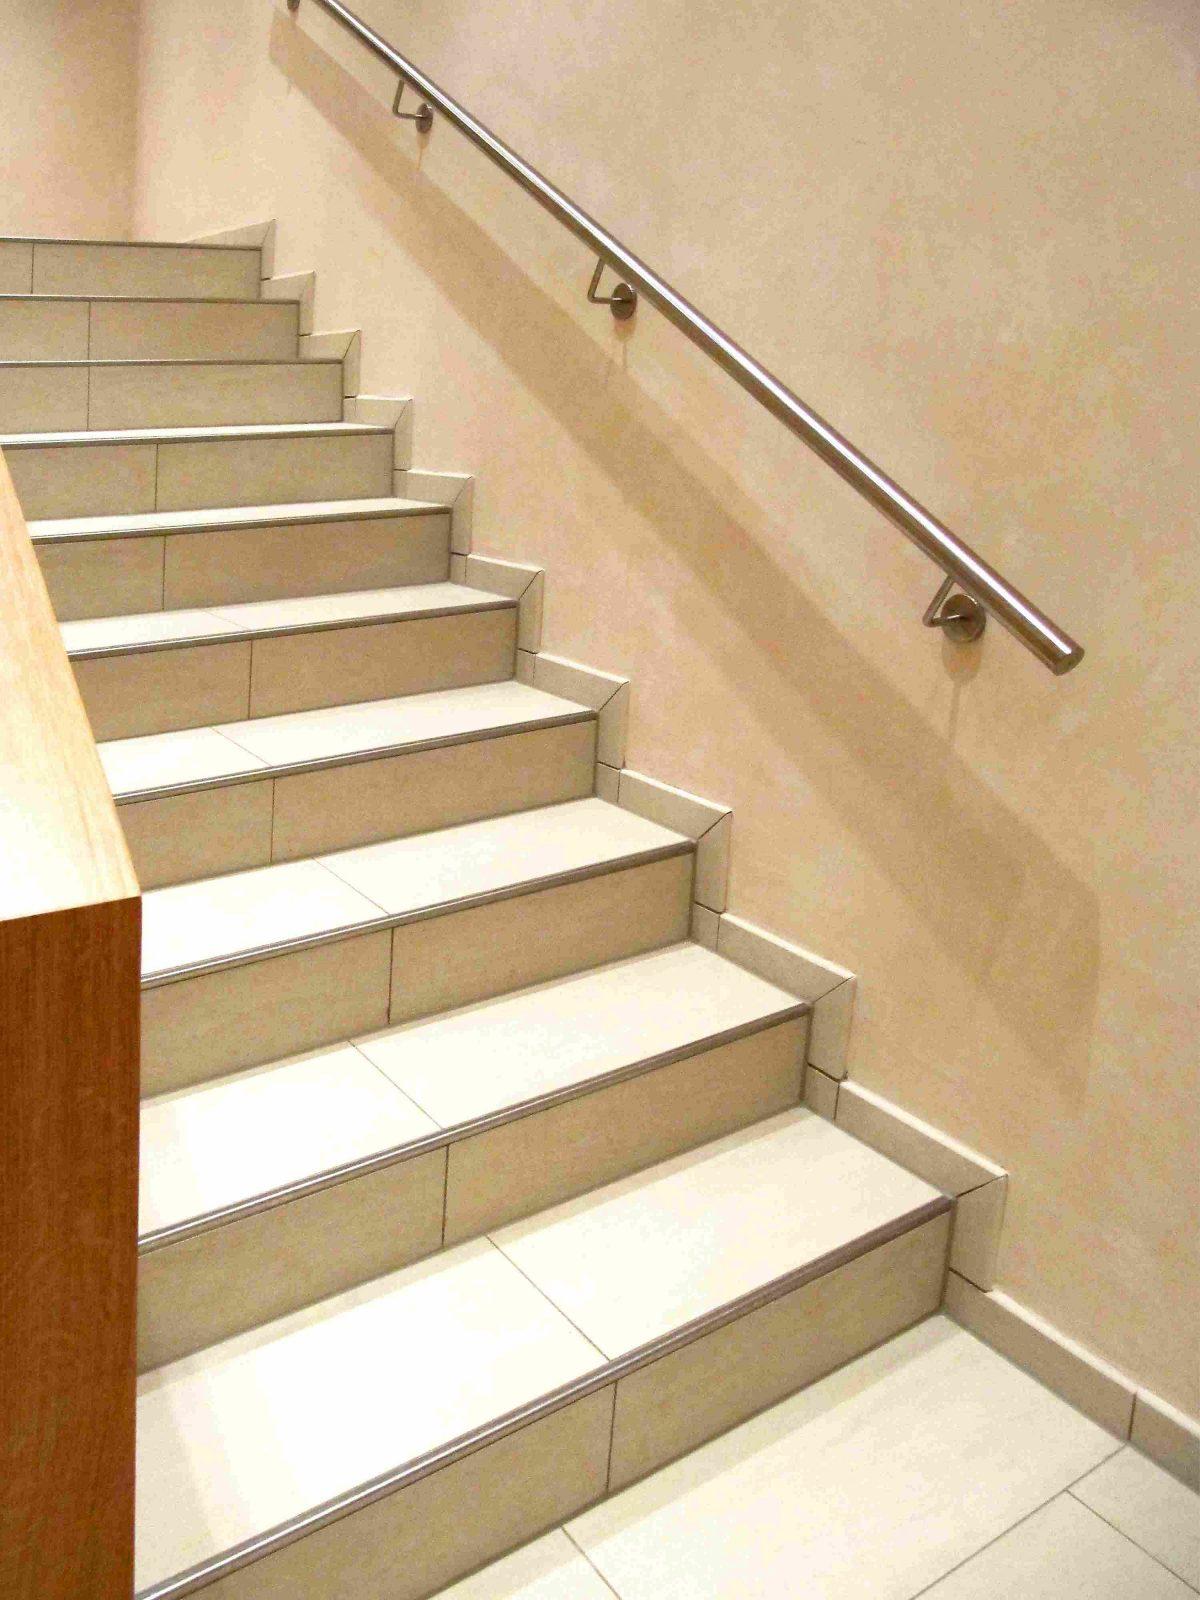 Sockelplatten  Nutzen Und Verlegemöglichkeiten von Treppe An Der Wand Photo